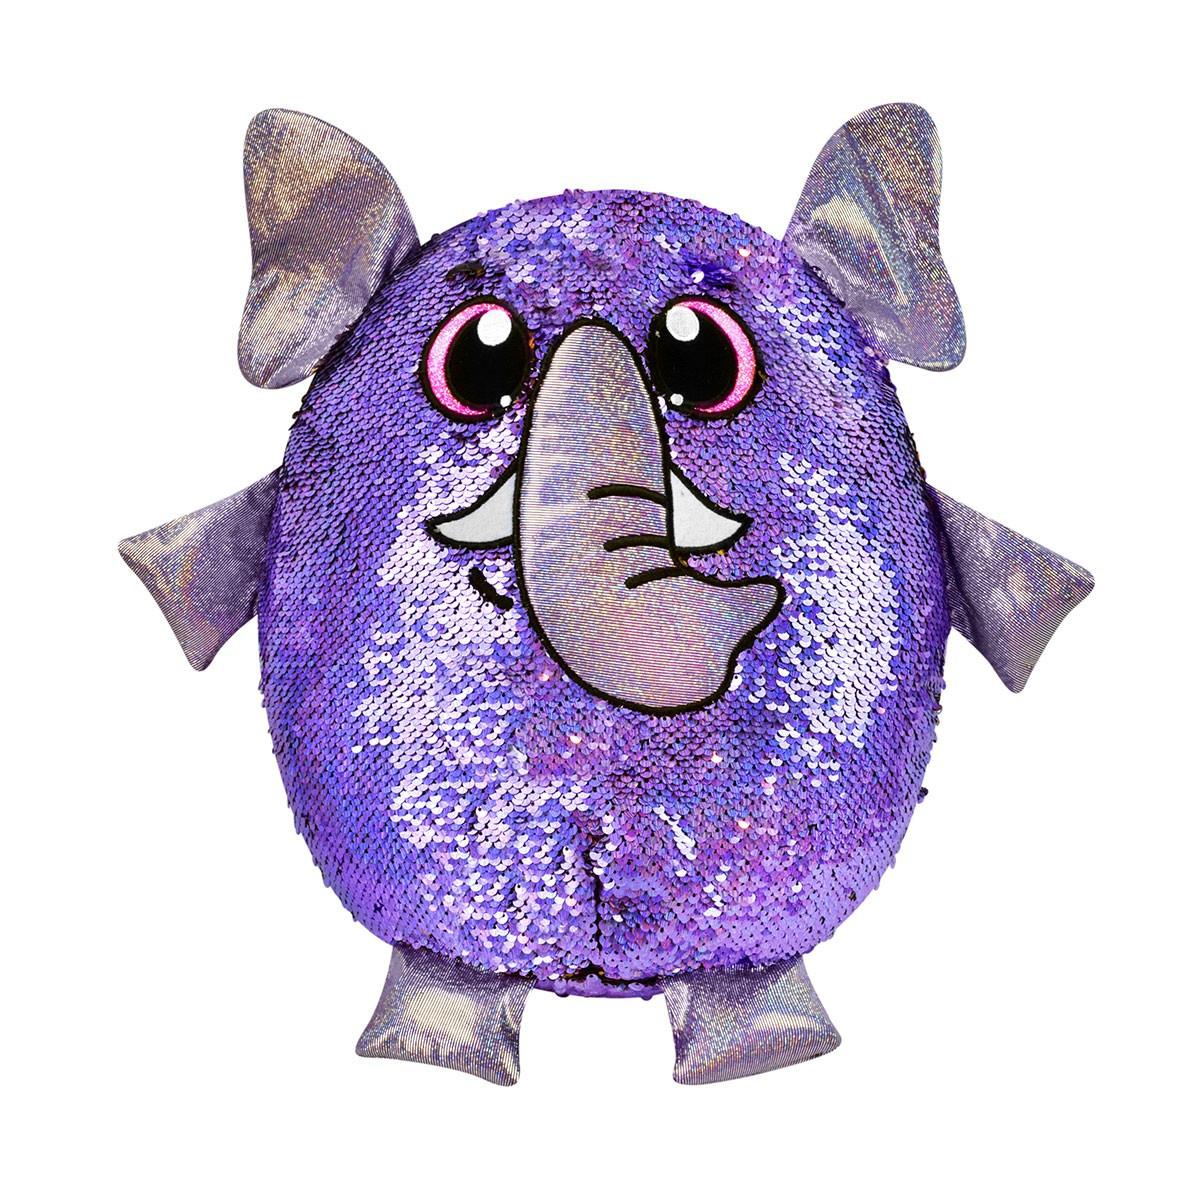 М'яка Іграшка з паєтками Shimmeez S2 - Сильний Слон (36 см)